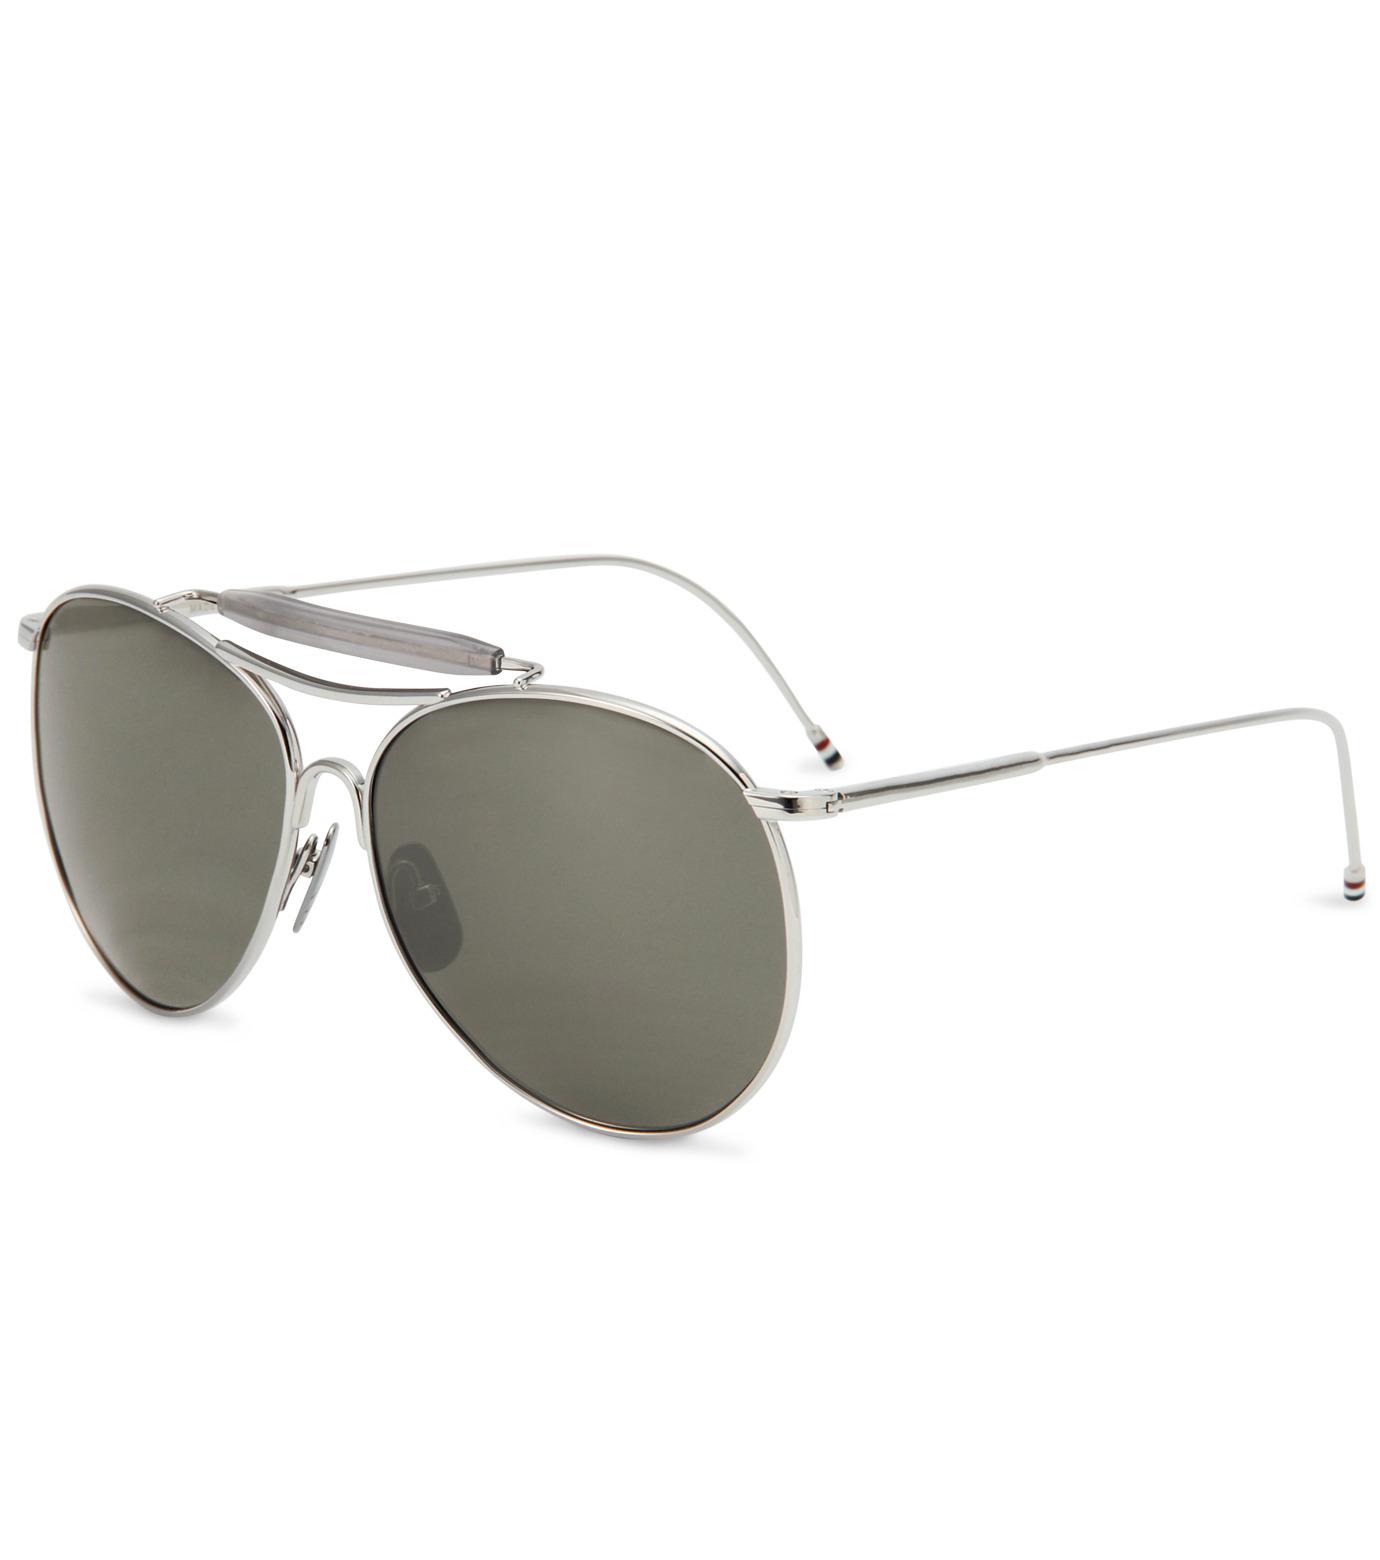 Thom Browne Eye Wear(トム・ブラウン・アイウェア)のShiny silver w-SILVER(アクセサリー/accessory)-TB-020D-T-59-1 拡大詳細画像1